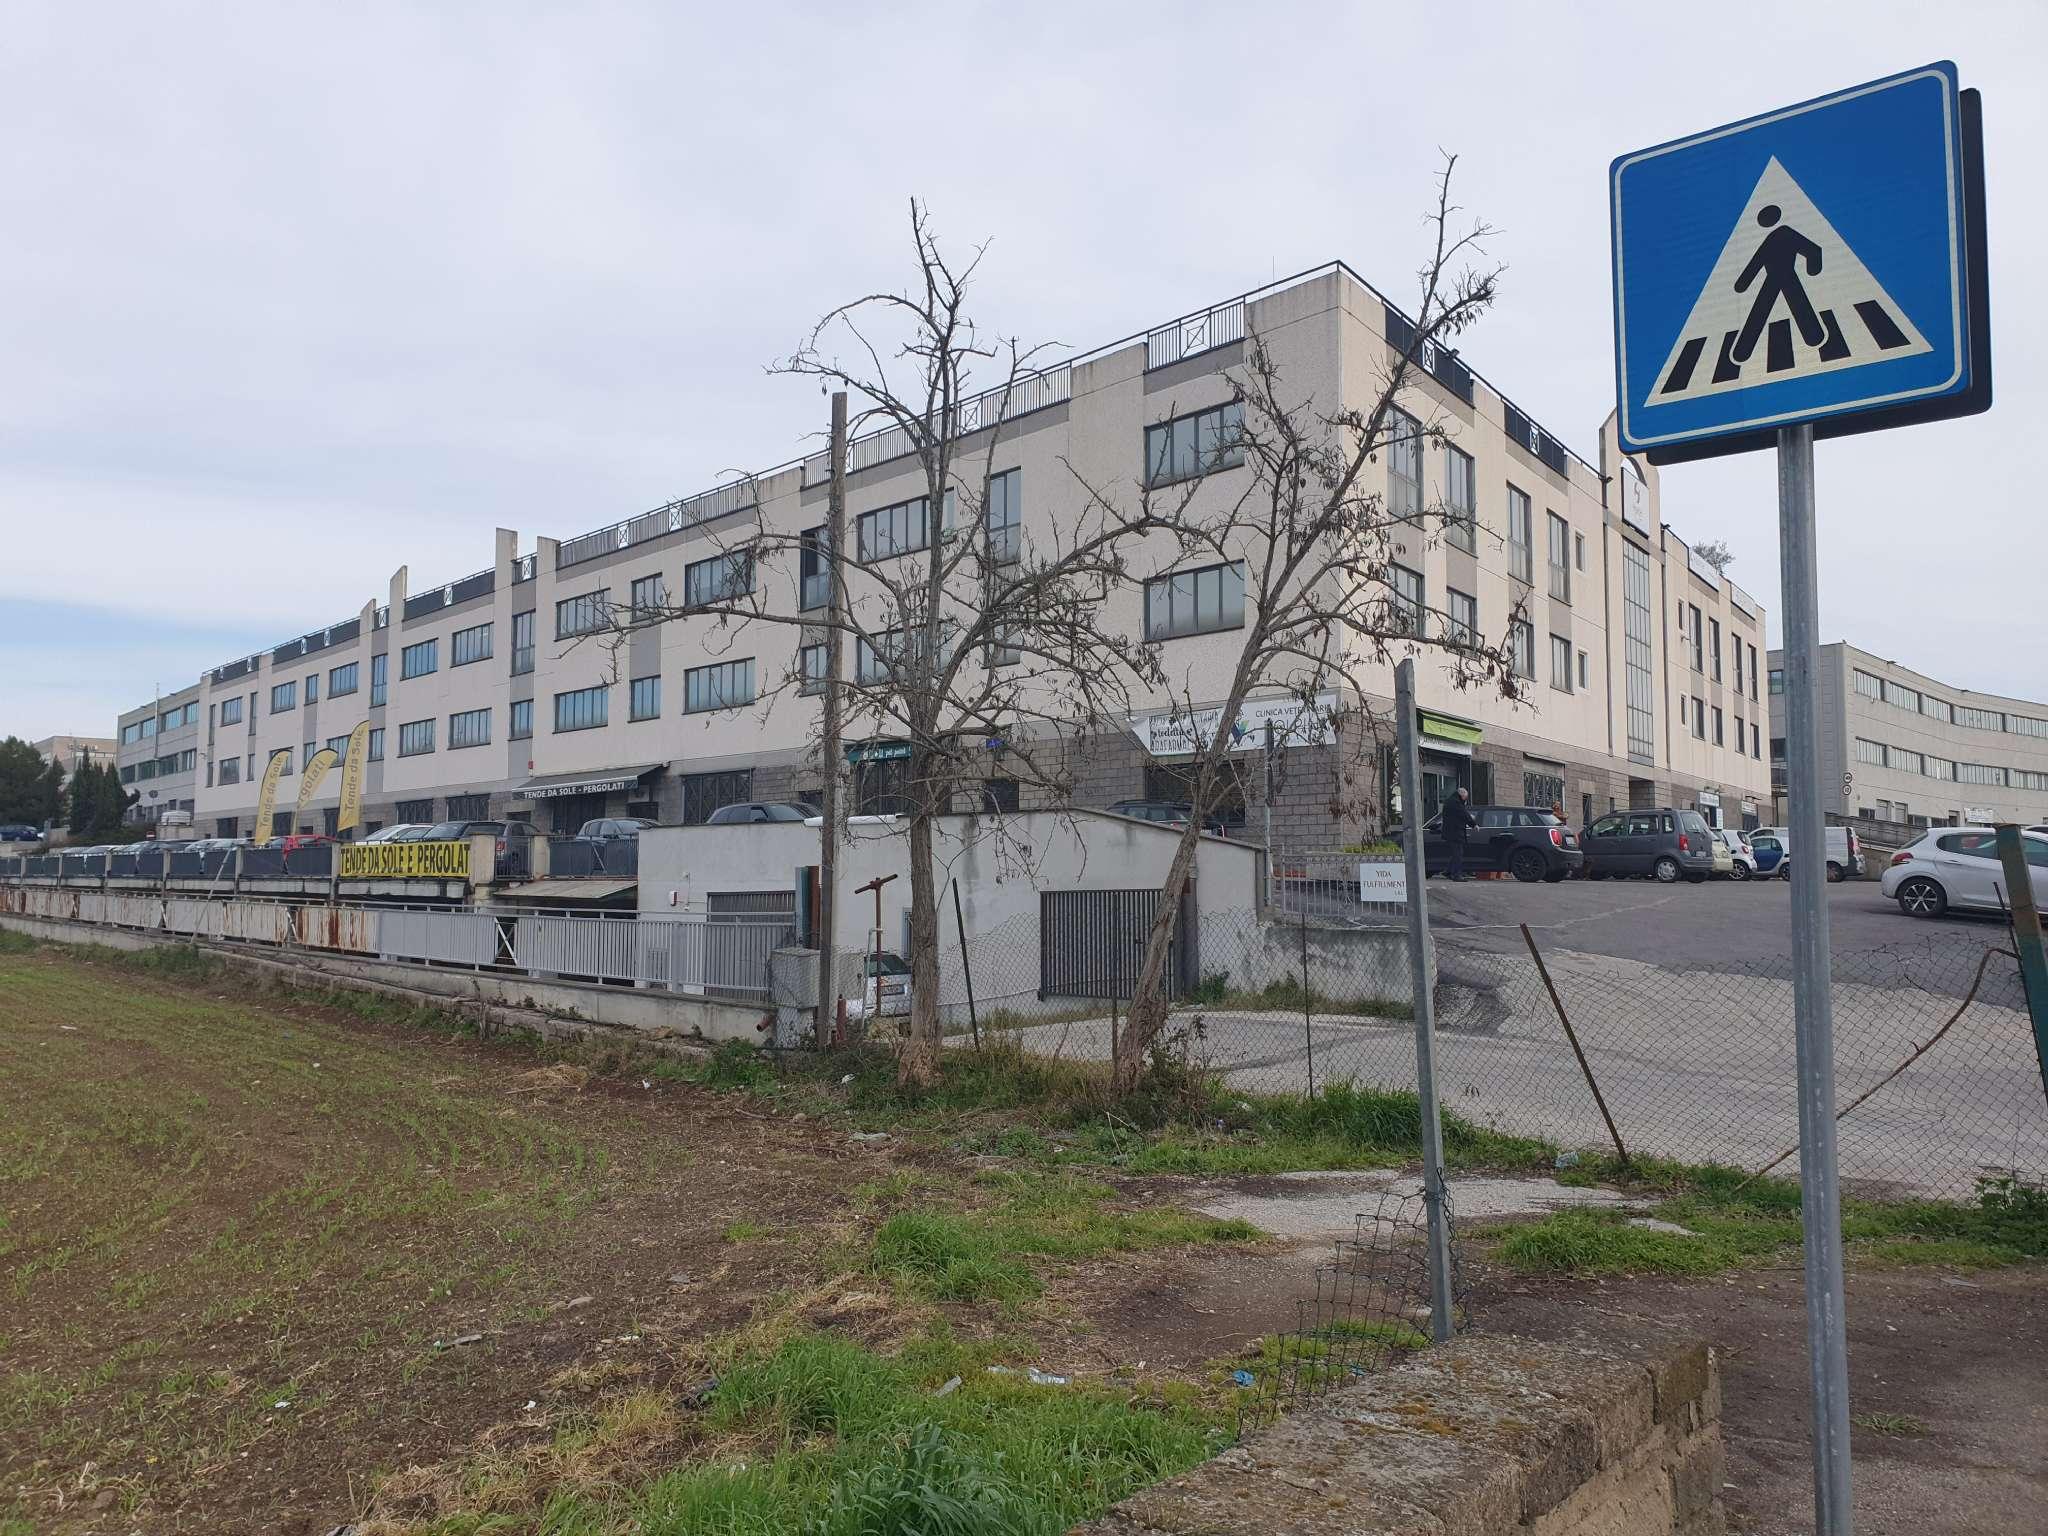 Laboratorio in vendita a Formello, 2 locali, prezzo € 80.000 | CambioCasa.it